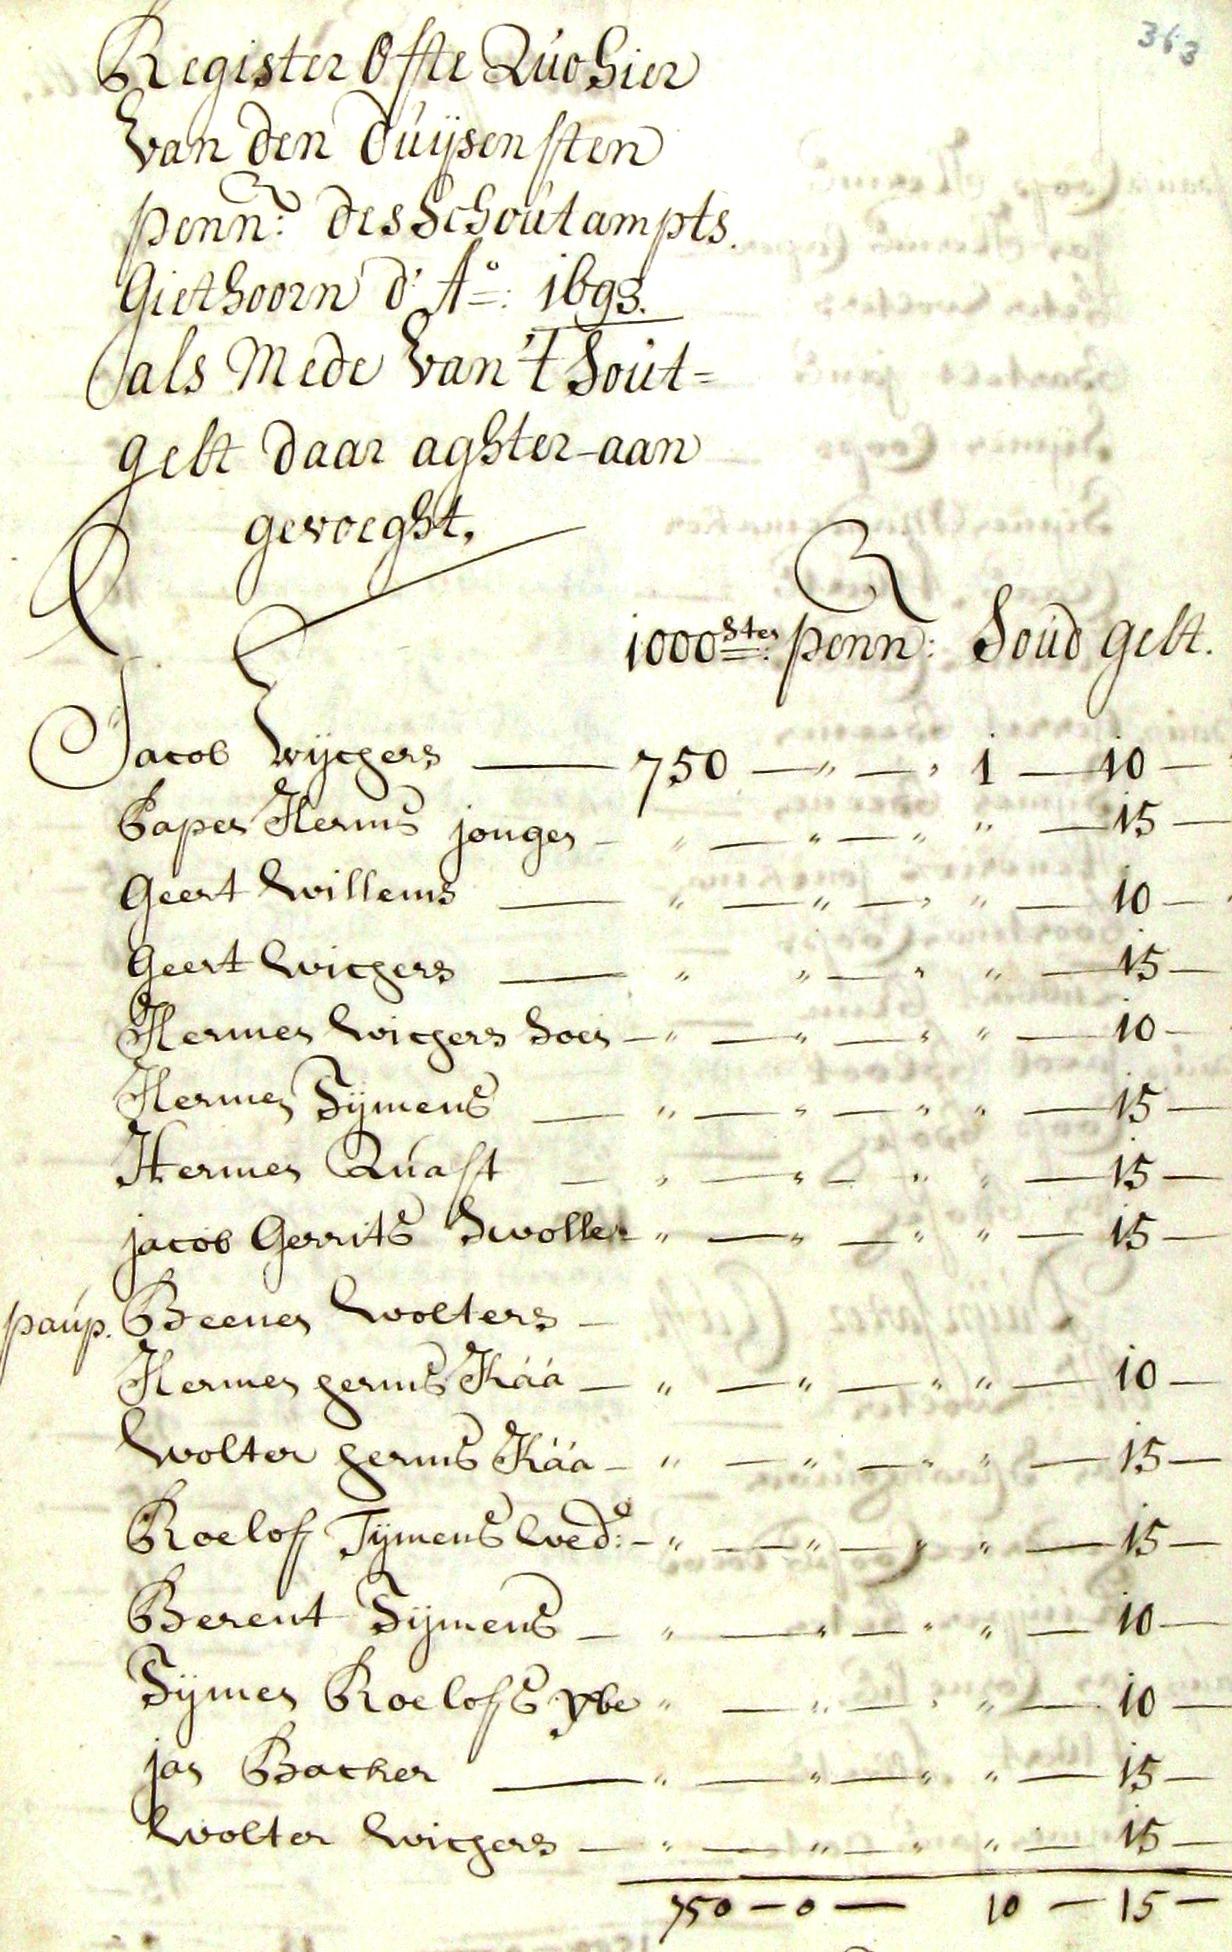 Bladzijde uit kohier van de 1.000ste penning en het zoutgeld van Giethoorn